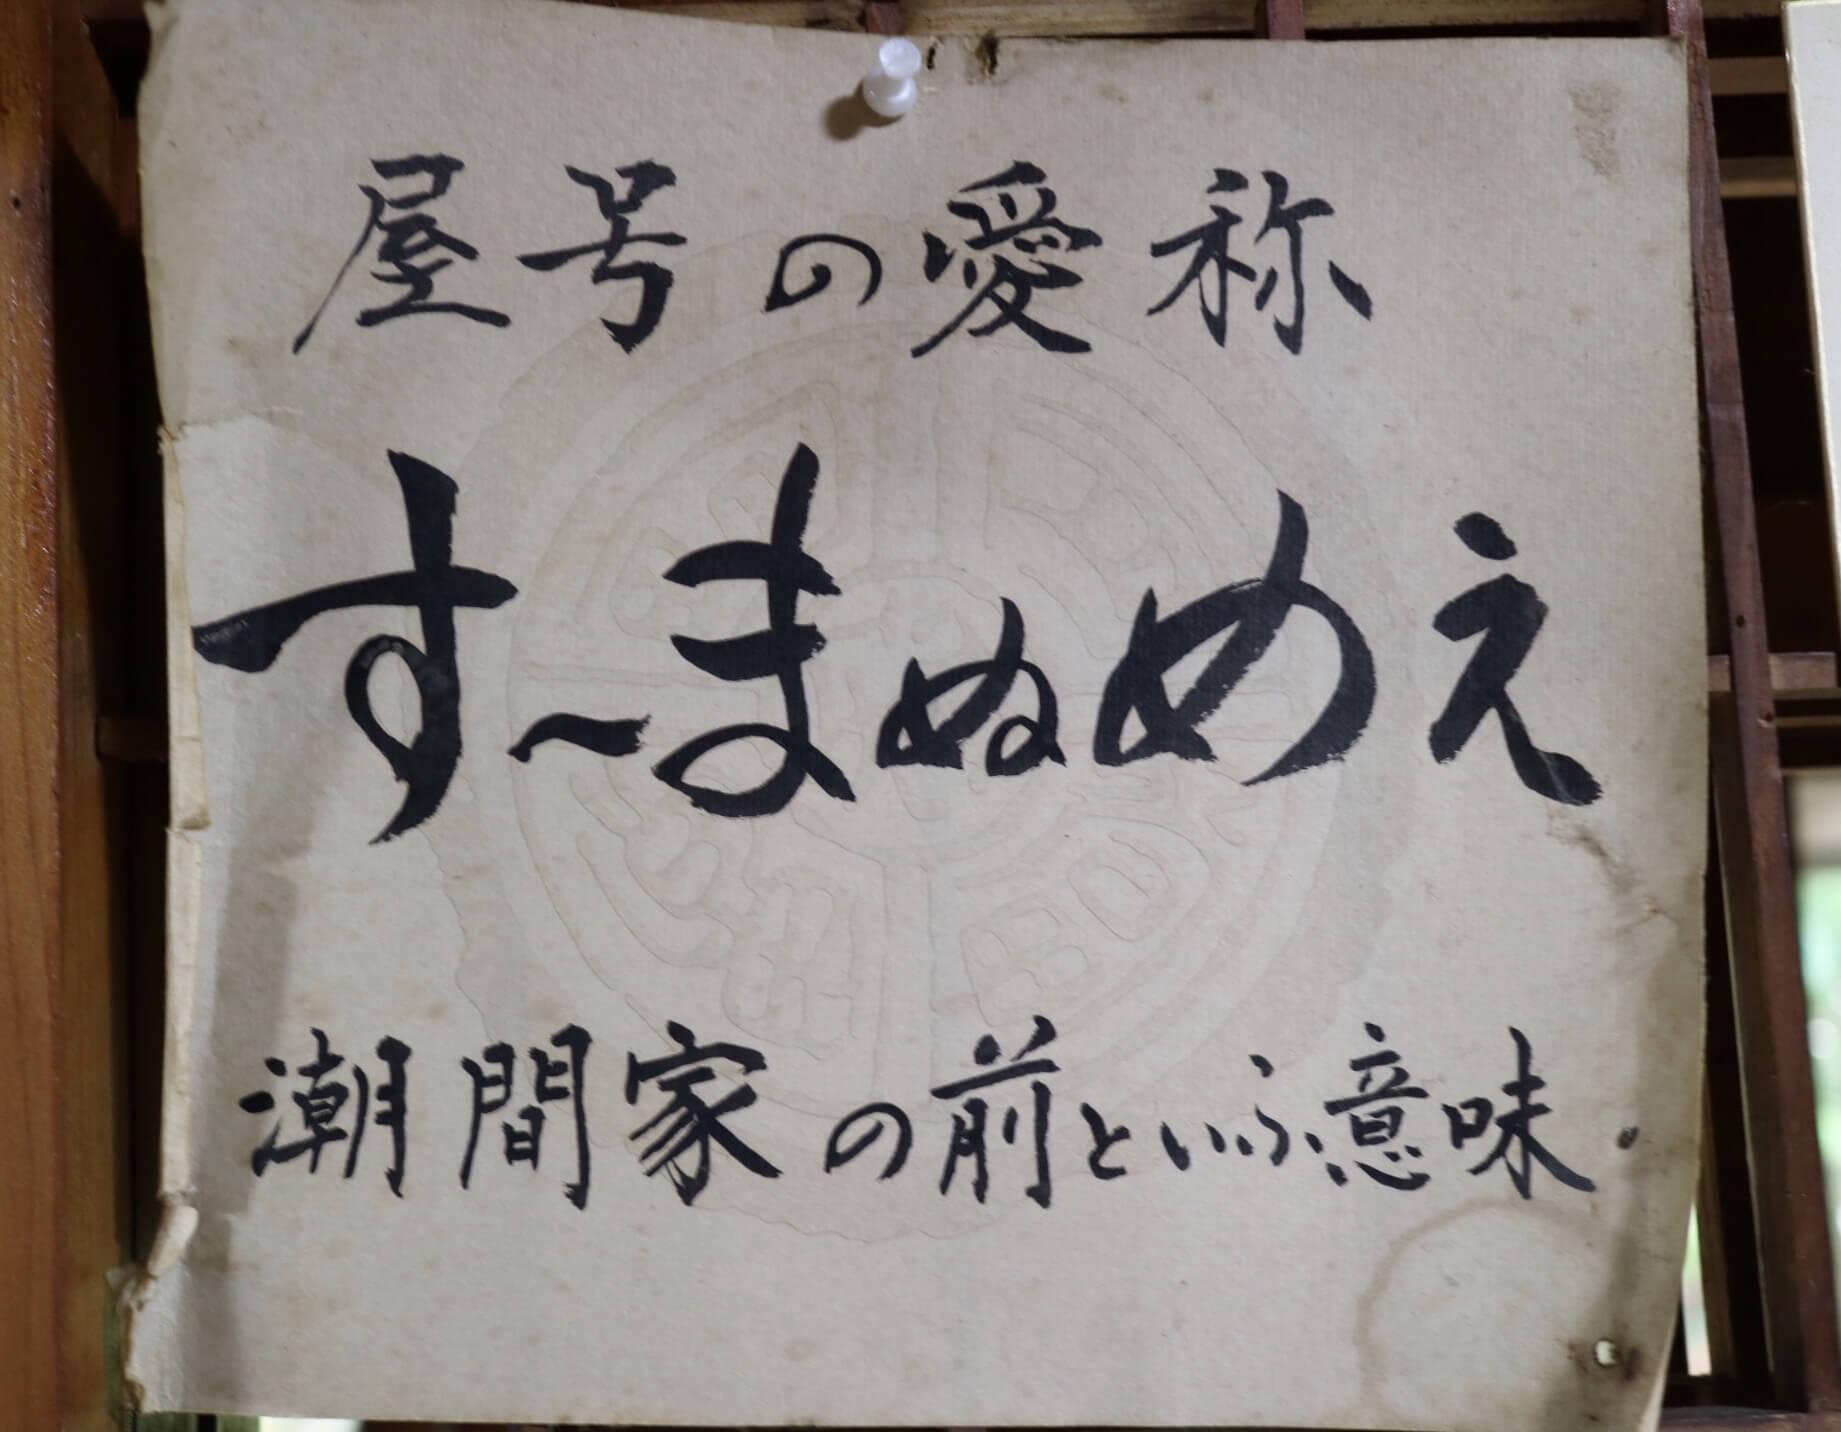 【那覇市】沖縄そば、といえば「すーまぬめぇ」のスペシャルそばがオススメ!